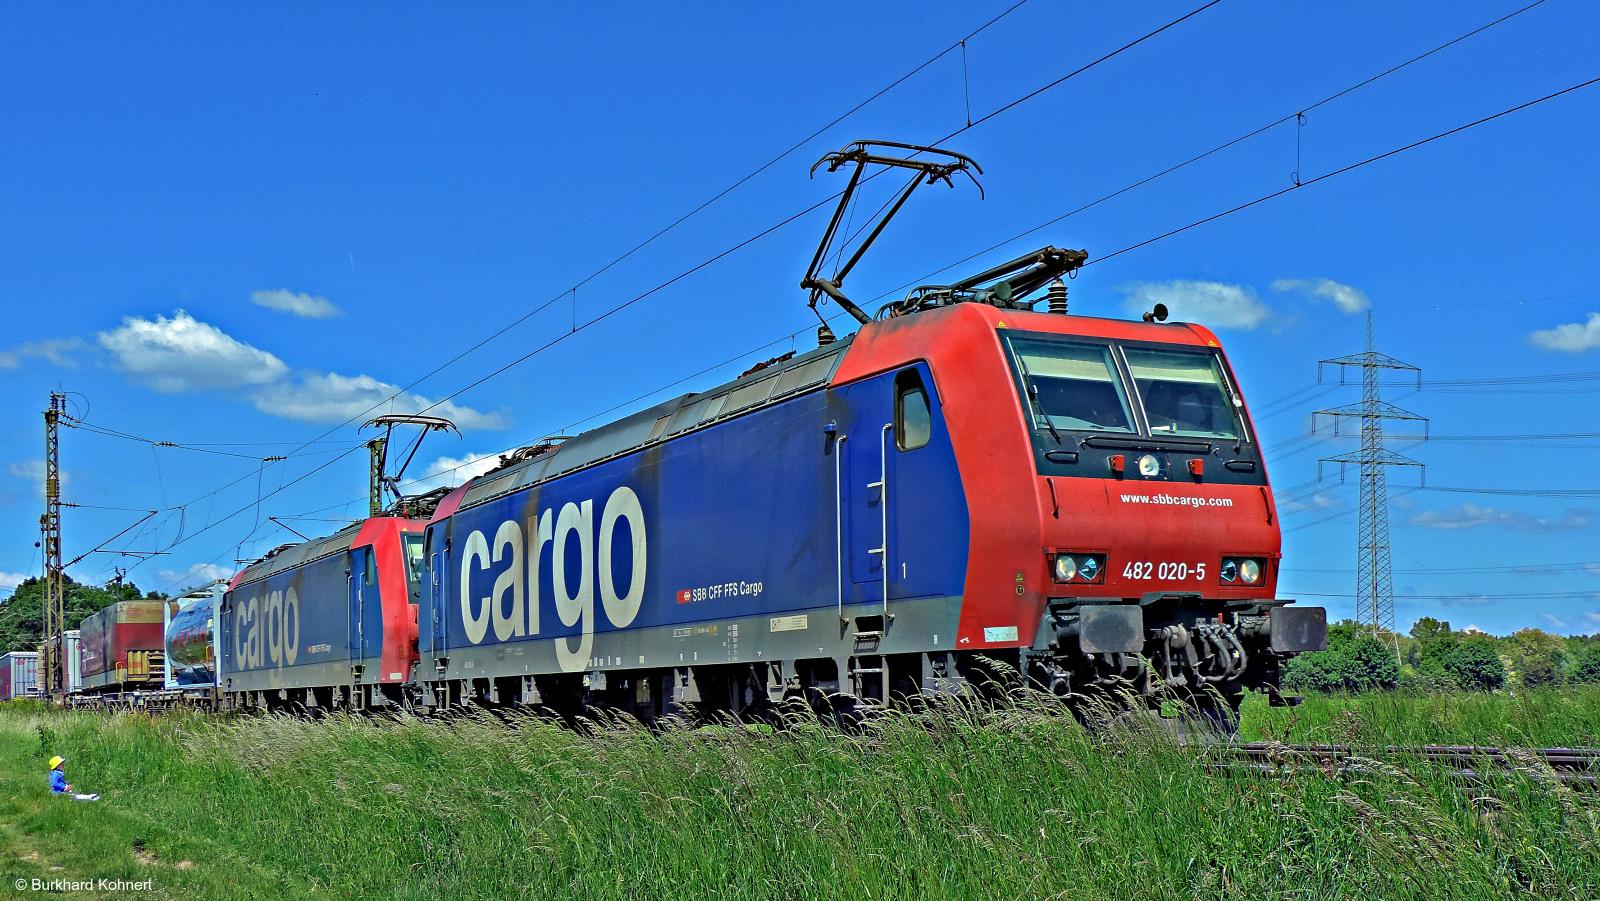 482 020-5 SBB Cargo x 2